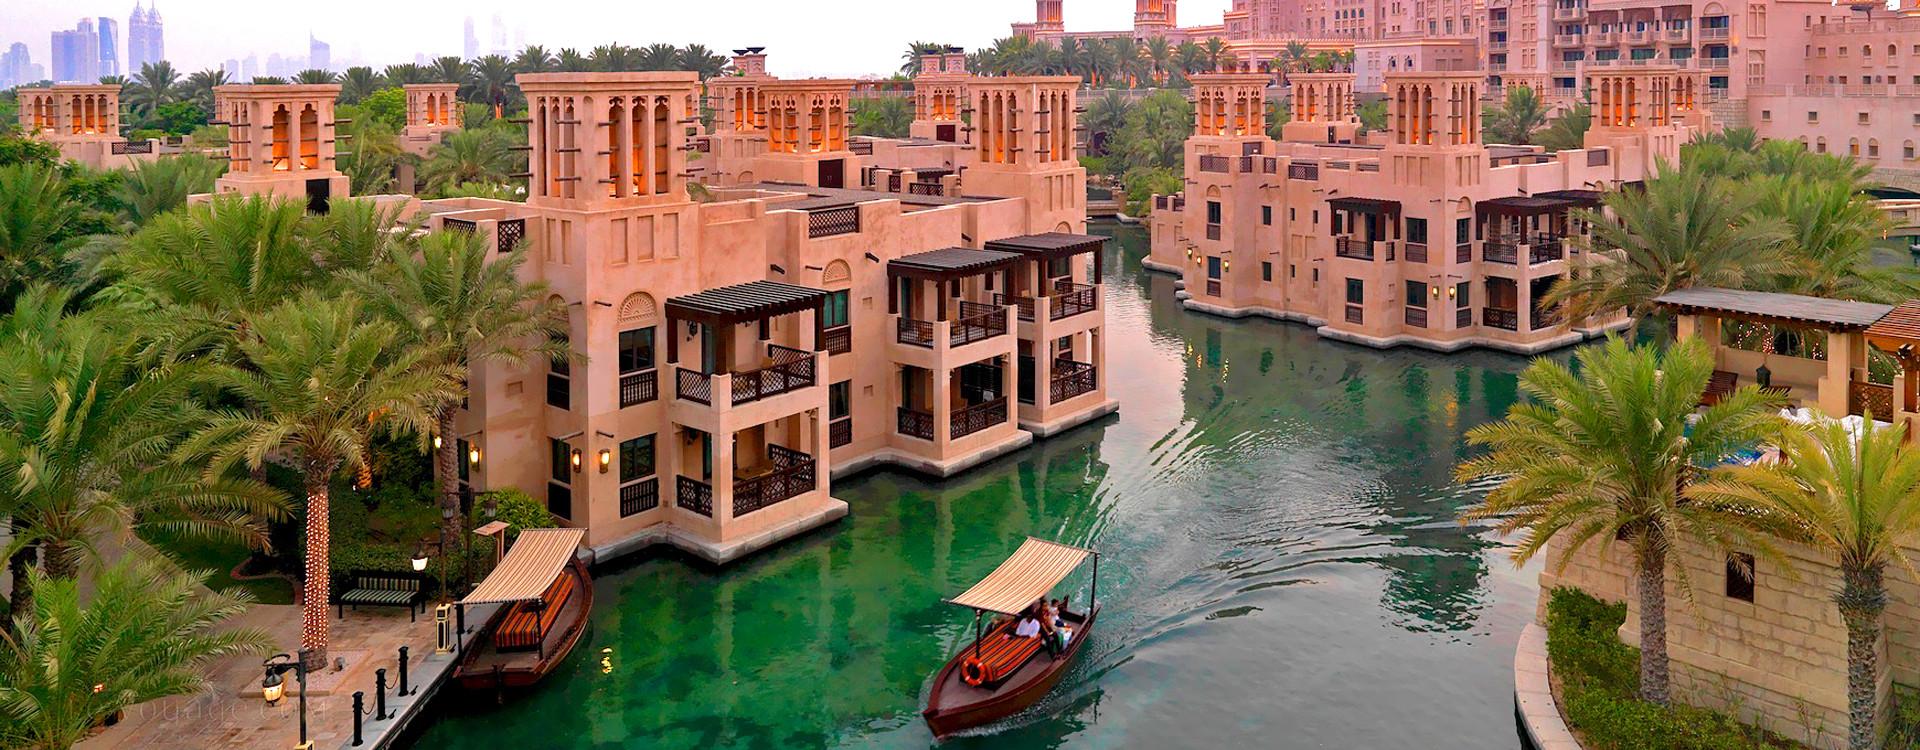 Охровые двухэтажные коттеджи Dar Al Masyaf расположены среди водных каналов